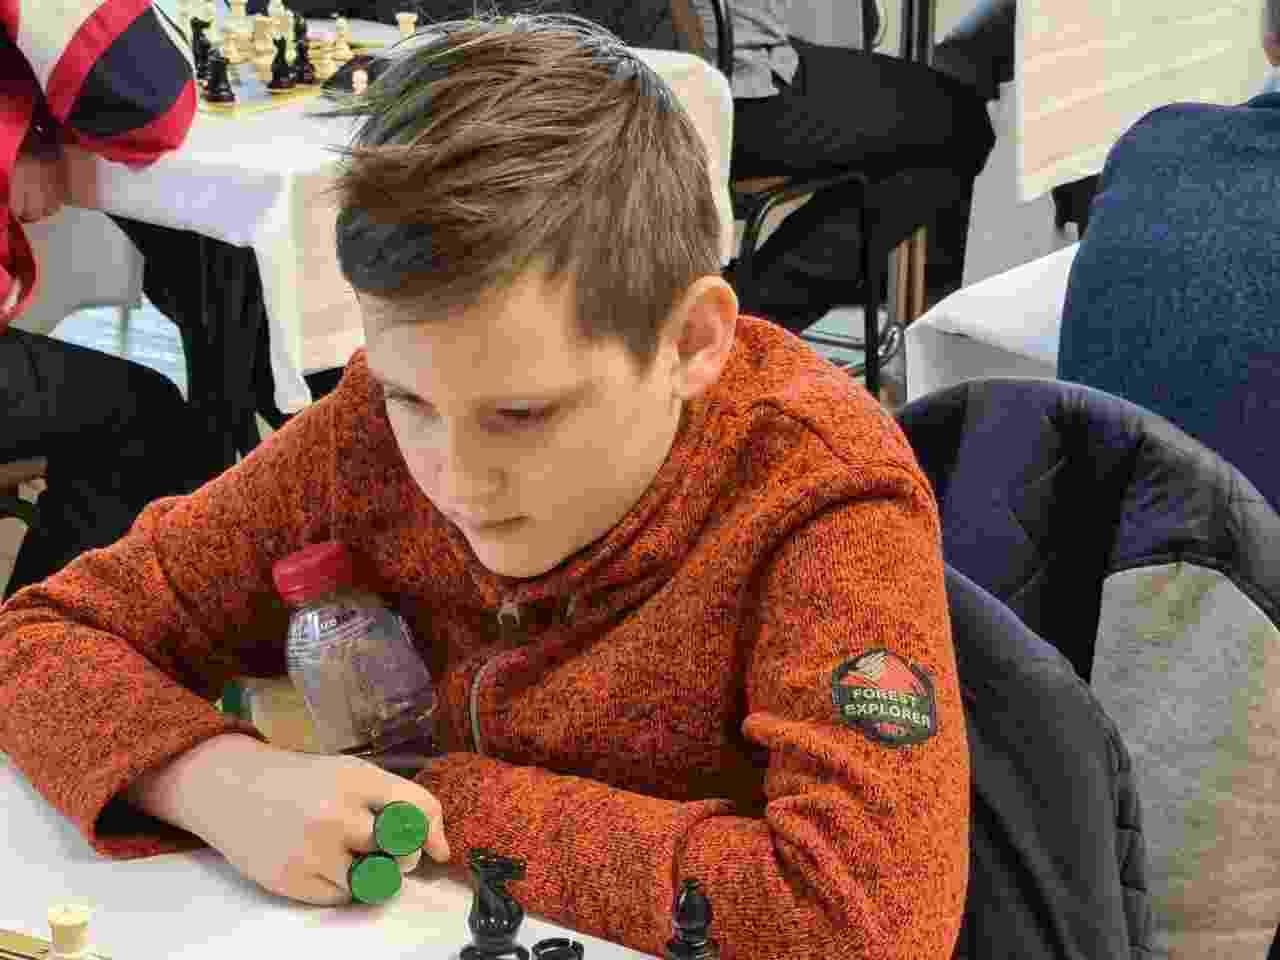 В Новороссийске шахматный турнир закончился сенсацией: королем стал подросток